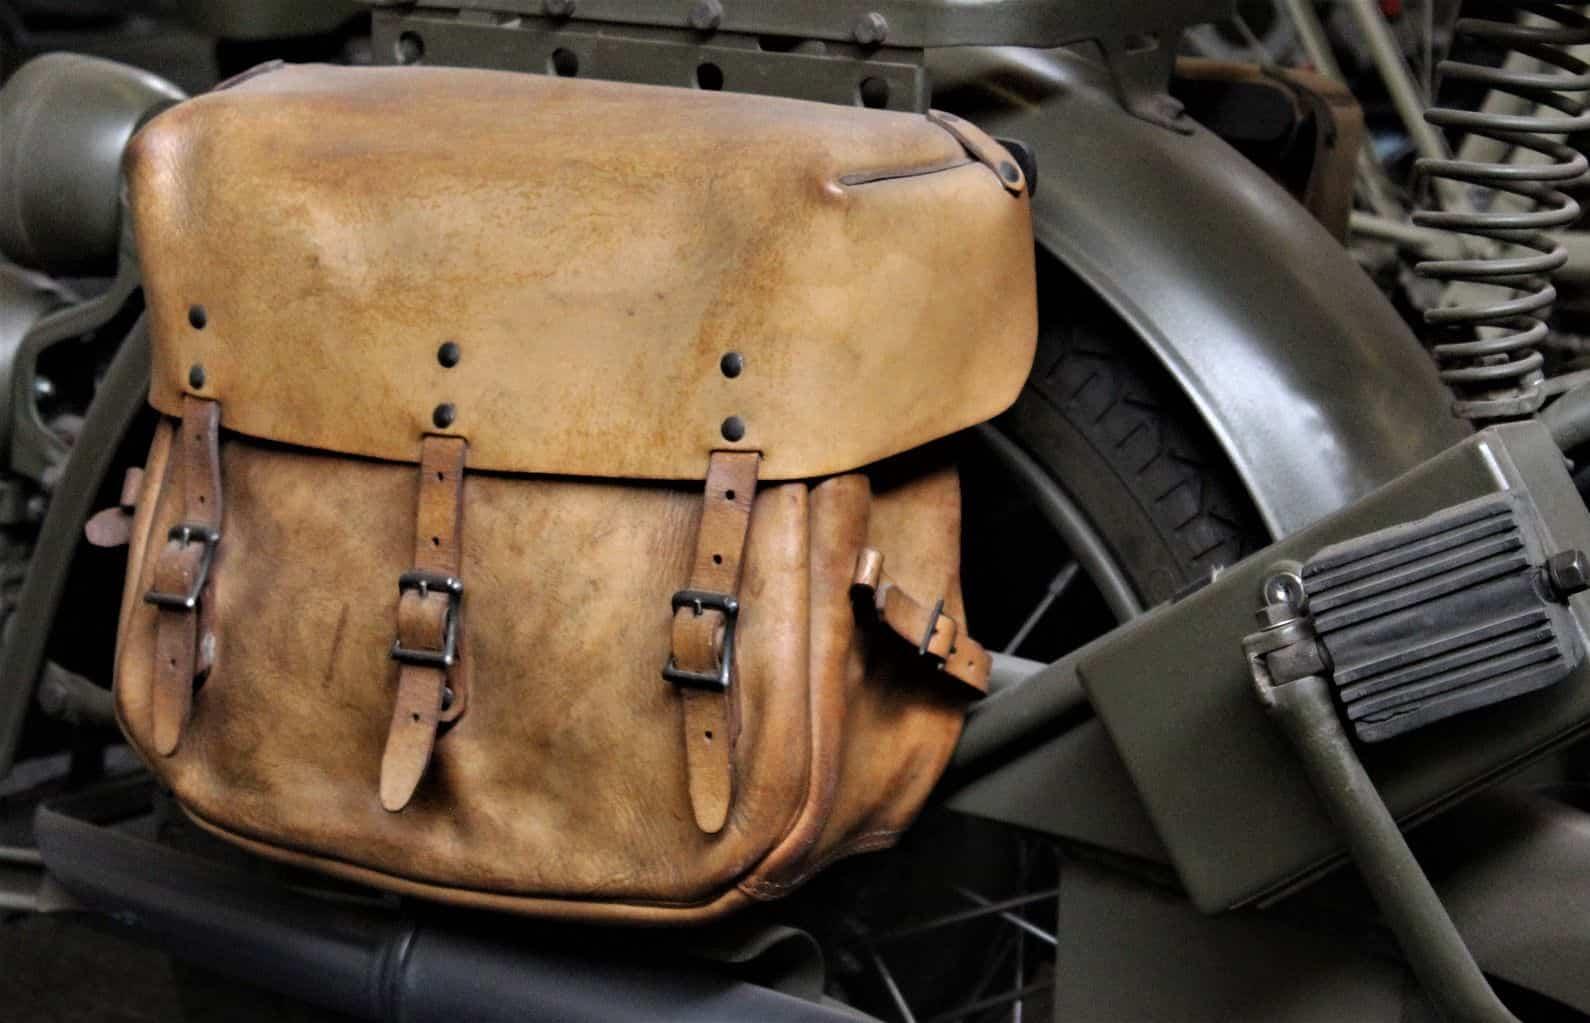 Essential Items For a Get Home Bag